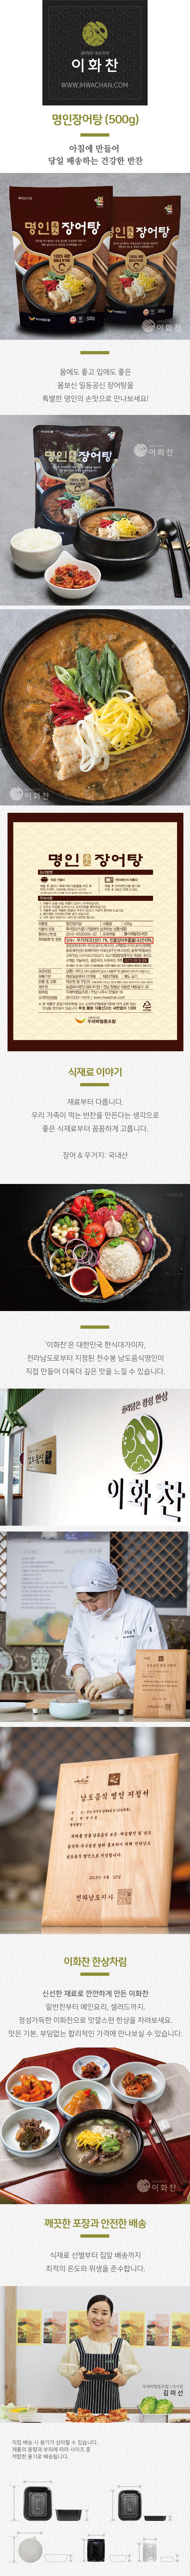 명인 장어탕 500g 상품소개 이미지1